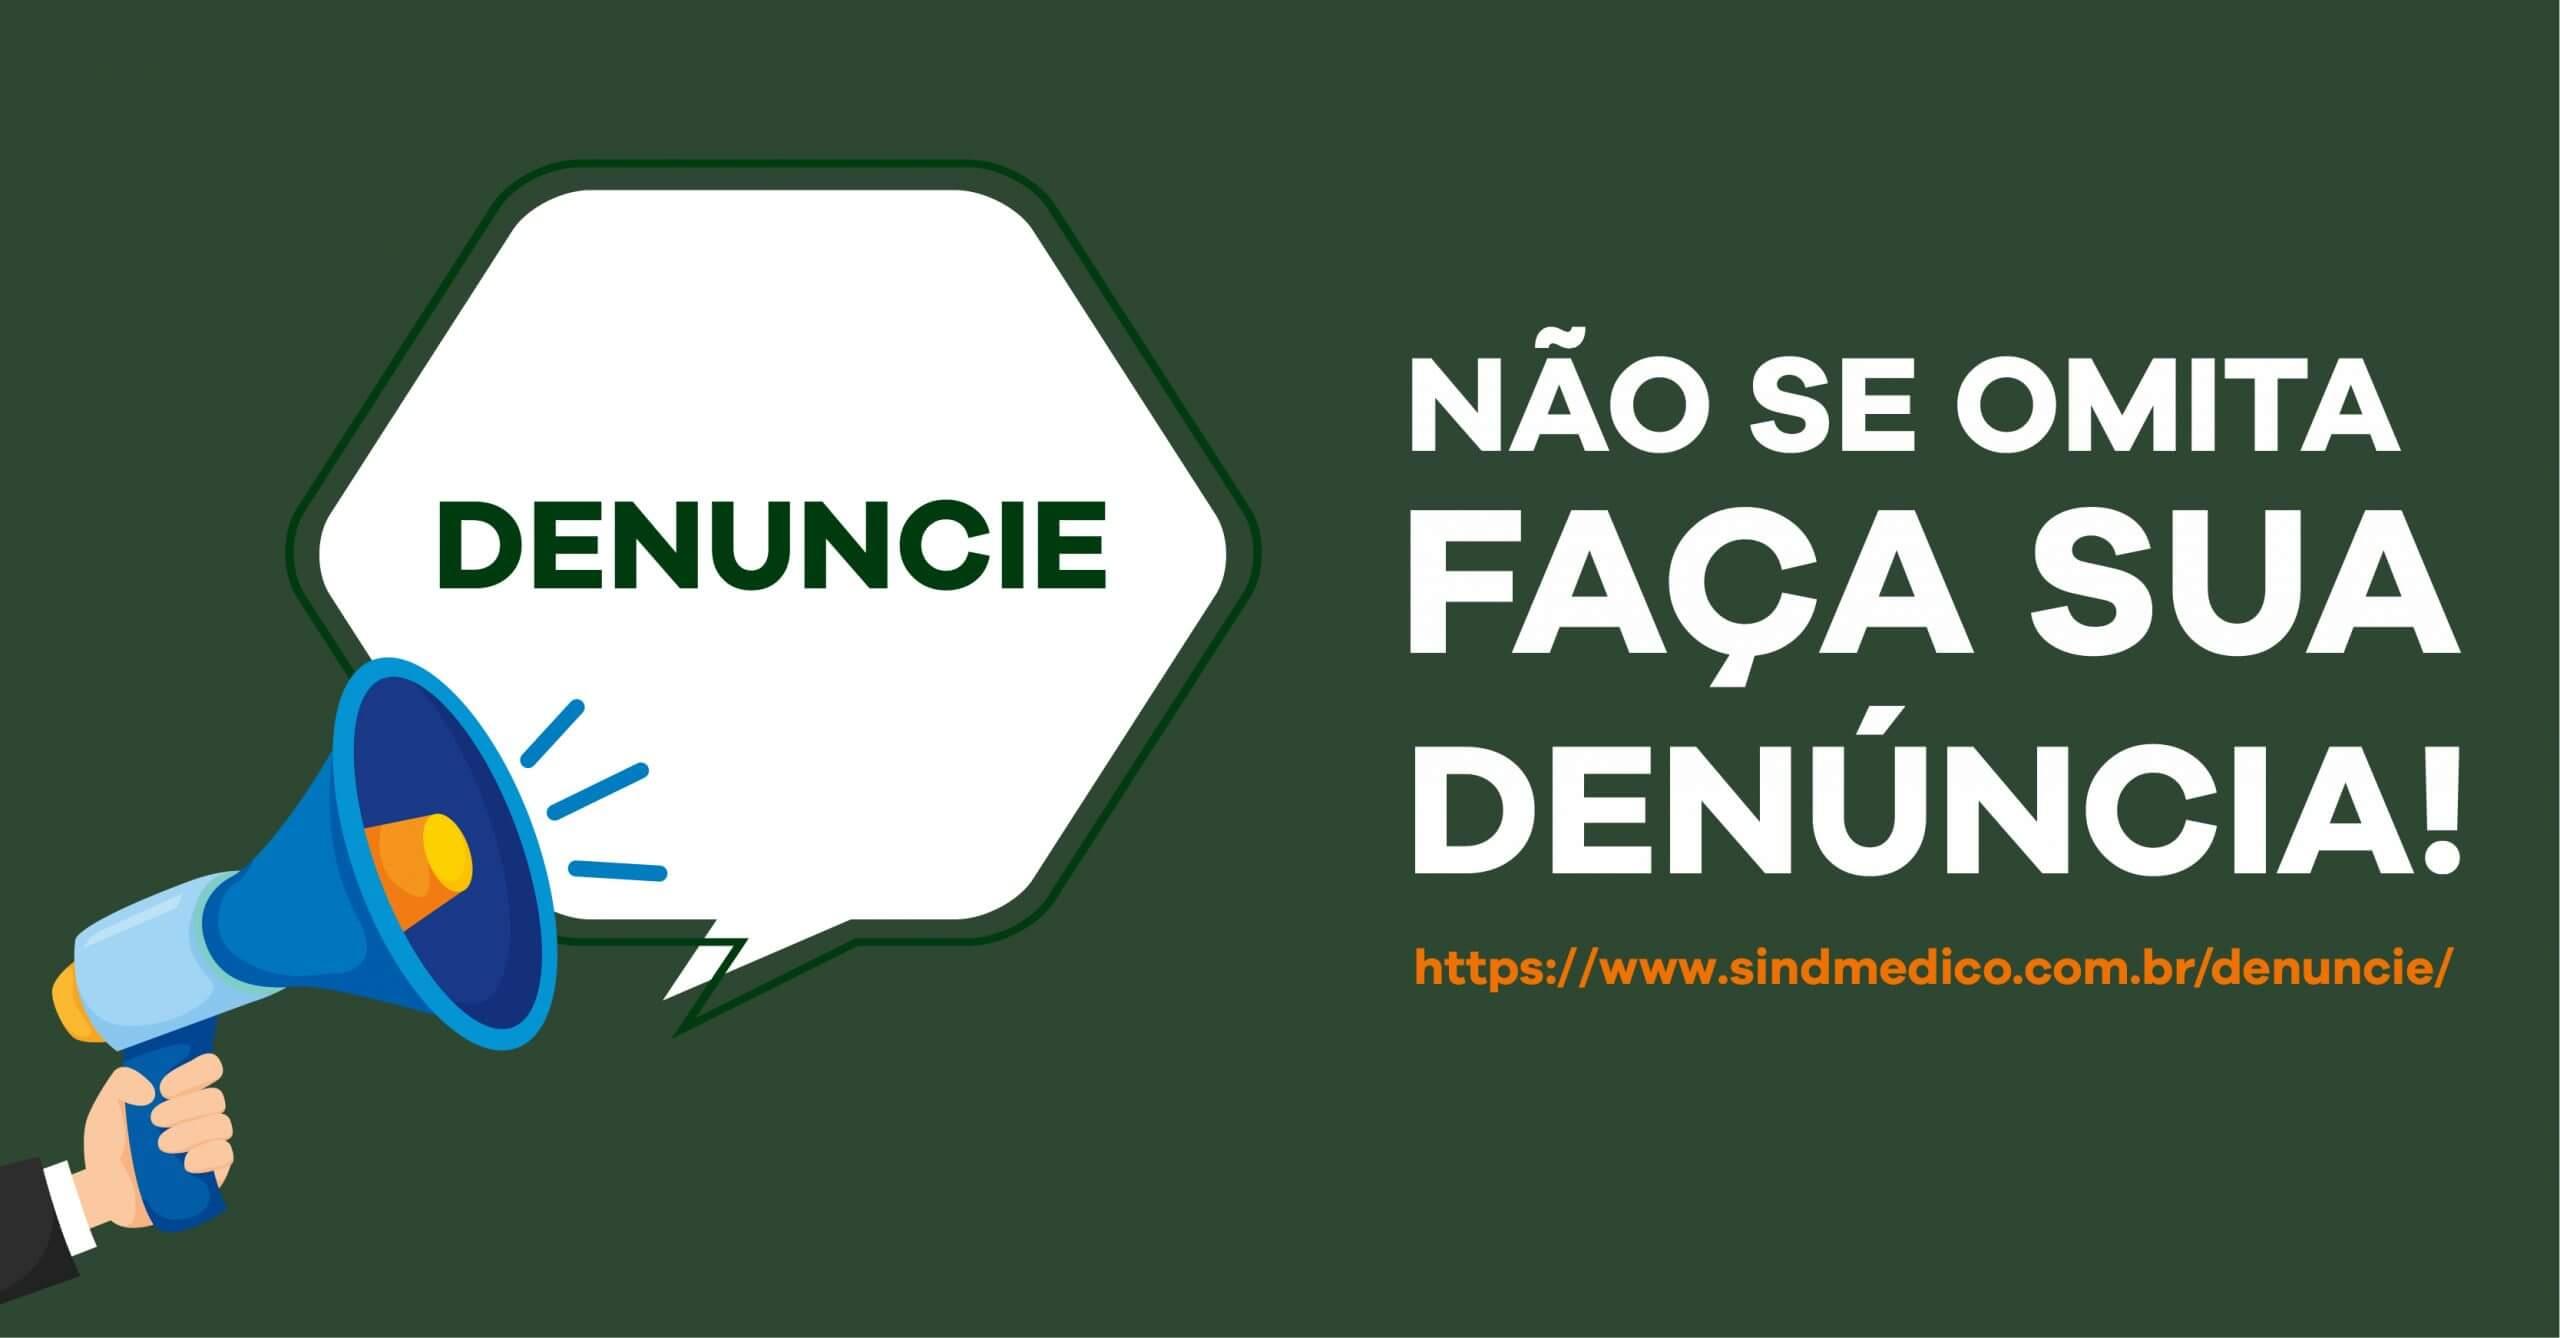 Denuncie: no novo canal do SindMédico-DF, é possível relatar irregularidades em seu trabalho